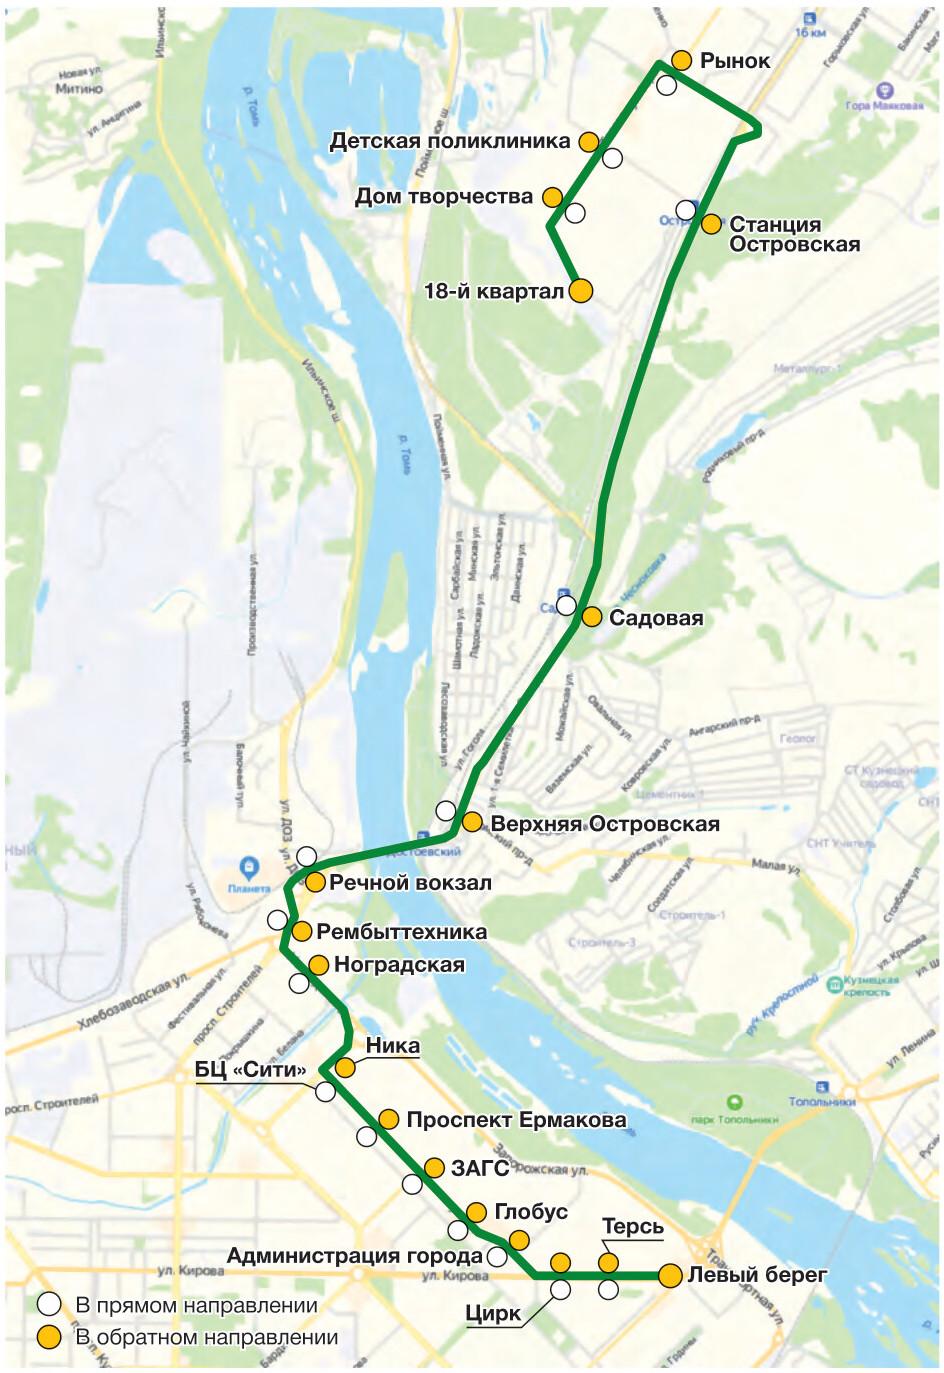 Автобус №25 18-ЫЙ КВАРТАЛ - ЛЕВЫЙ БЕРЕГ | Расписание и маршрут движения